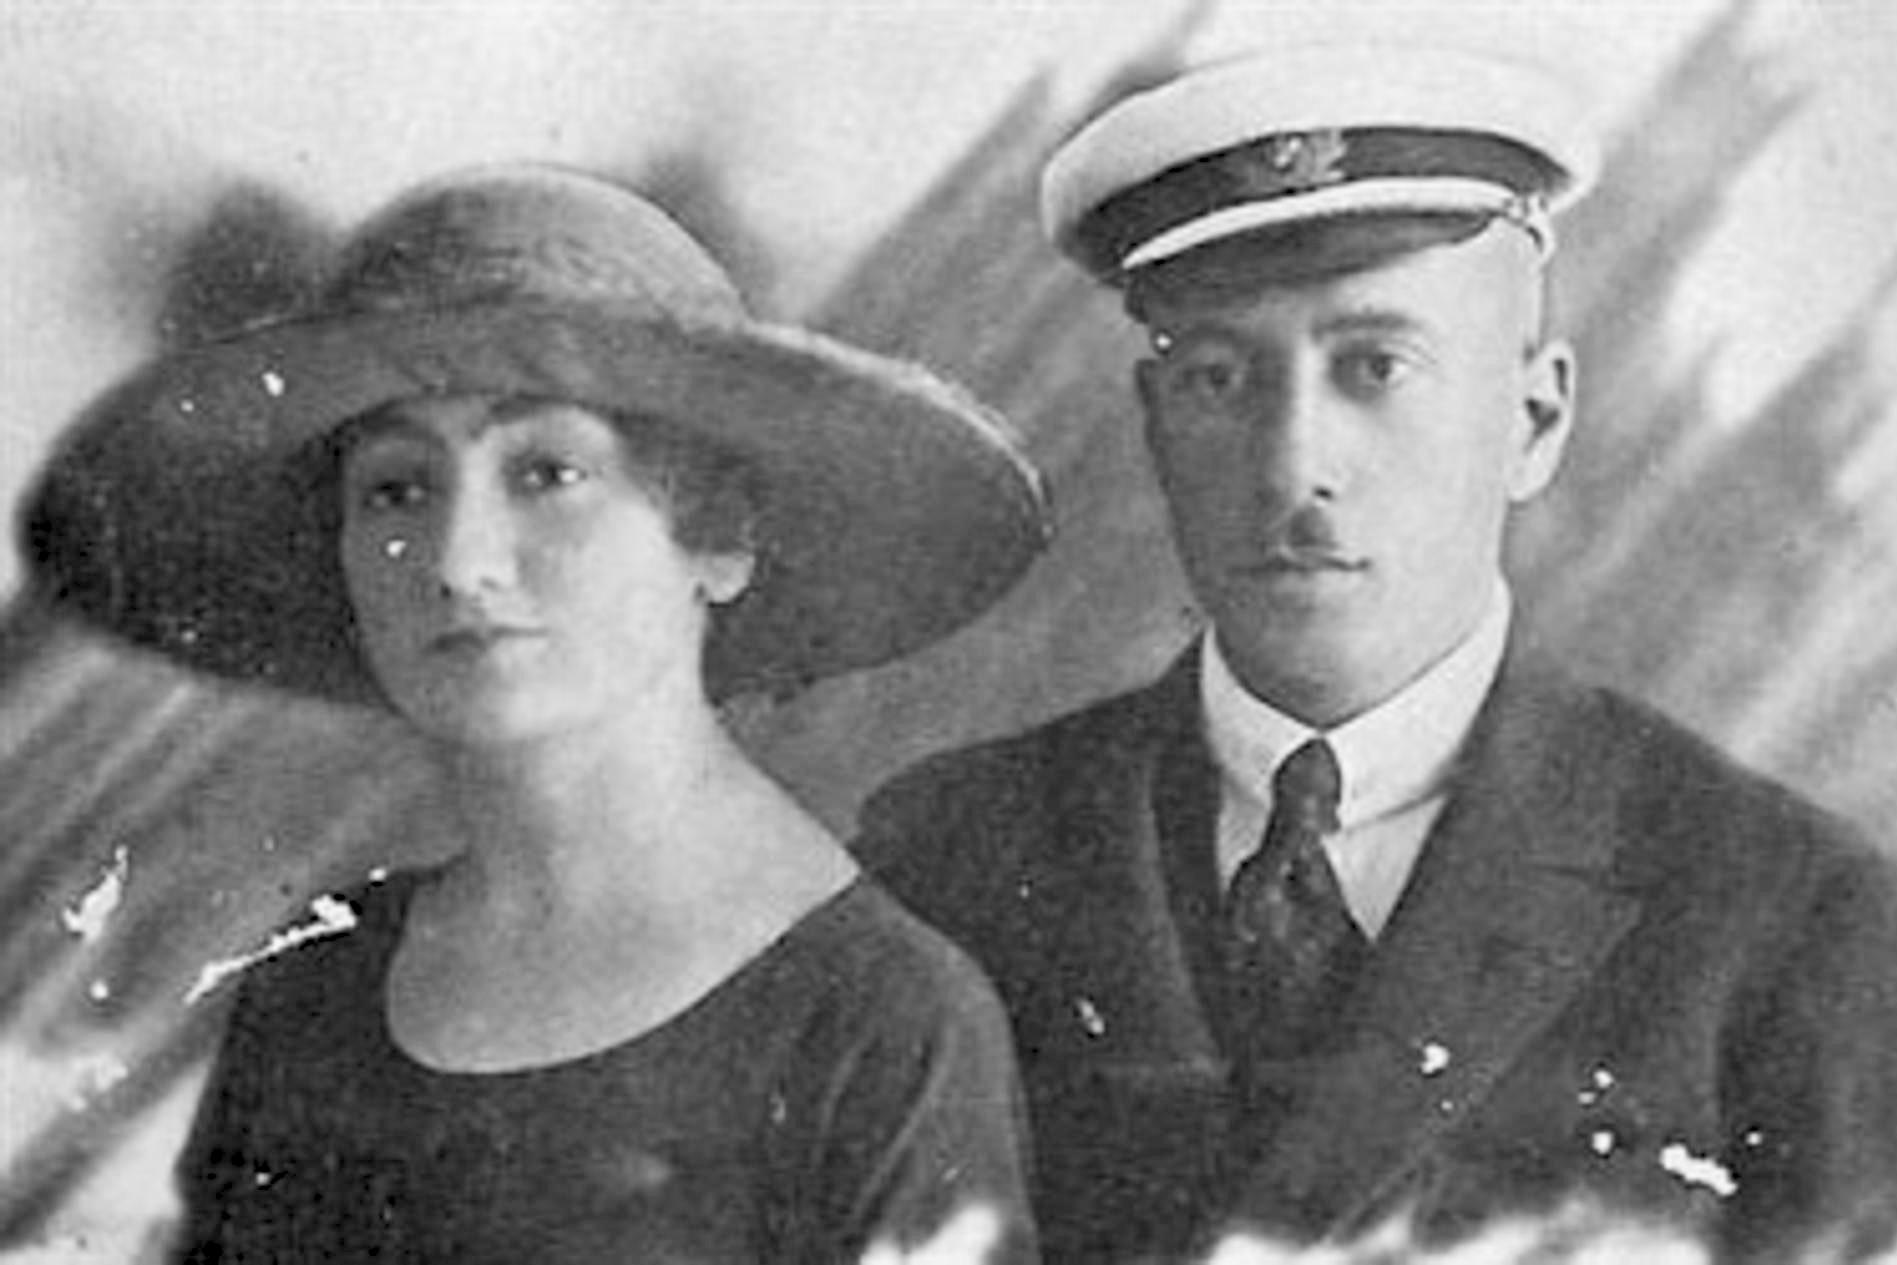 Цецлава Чапска и Николај Долгоруки, 1919. Извор: Legion Media